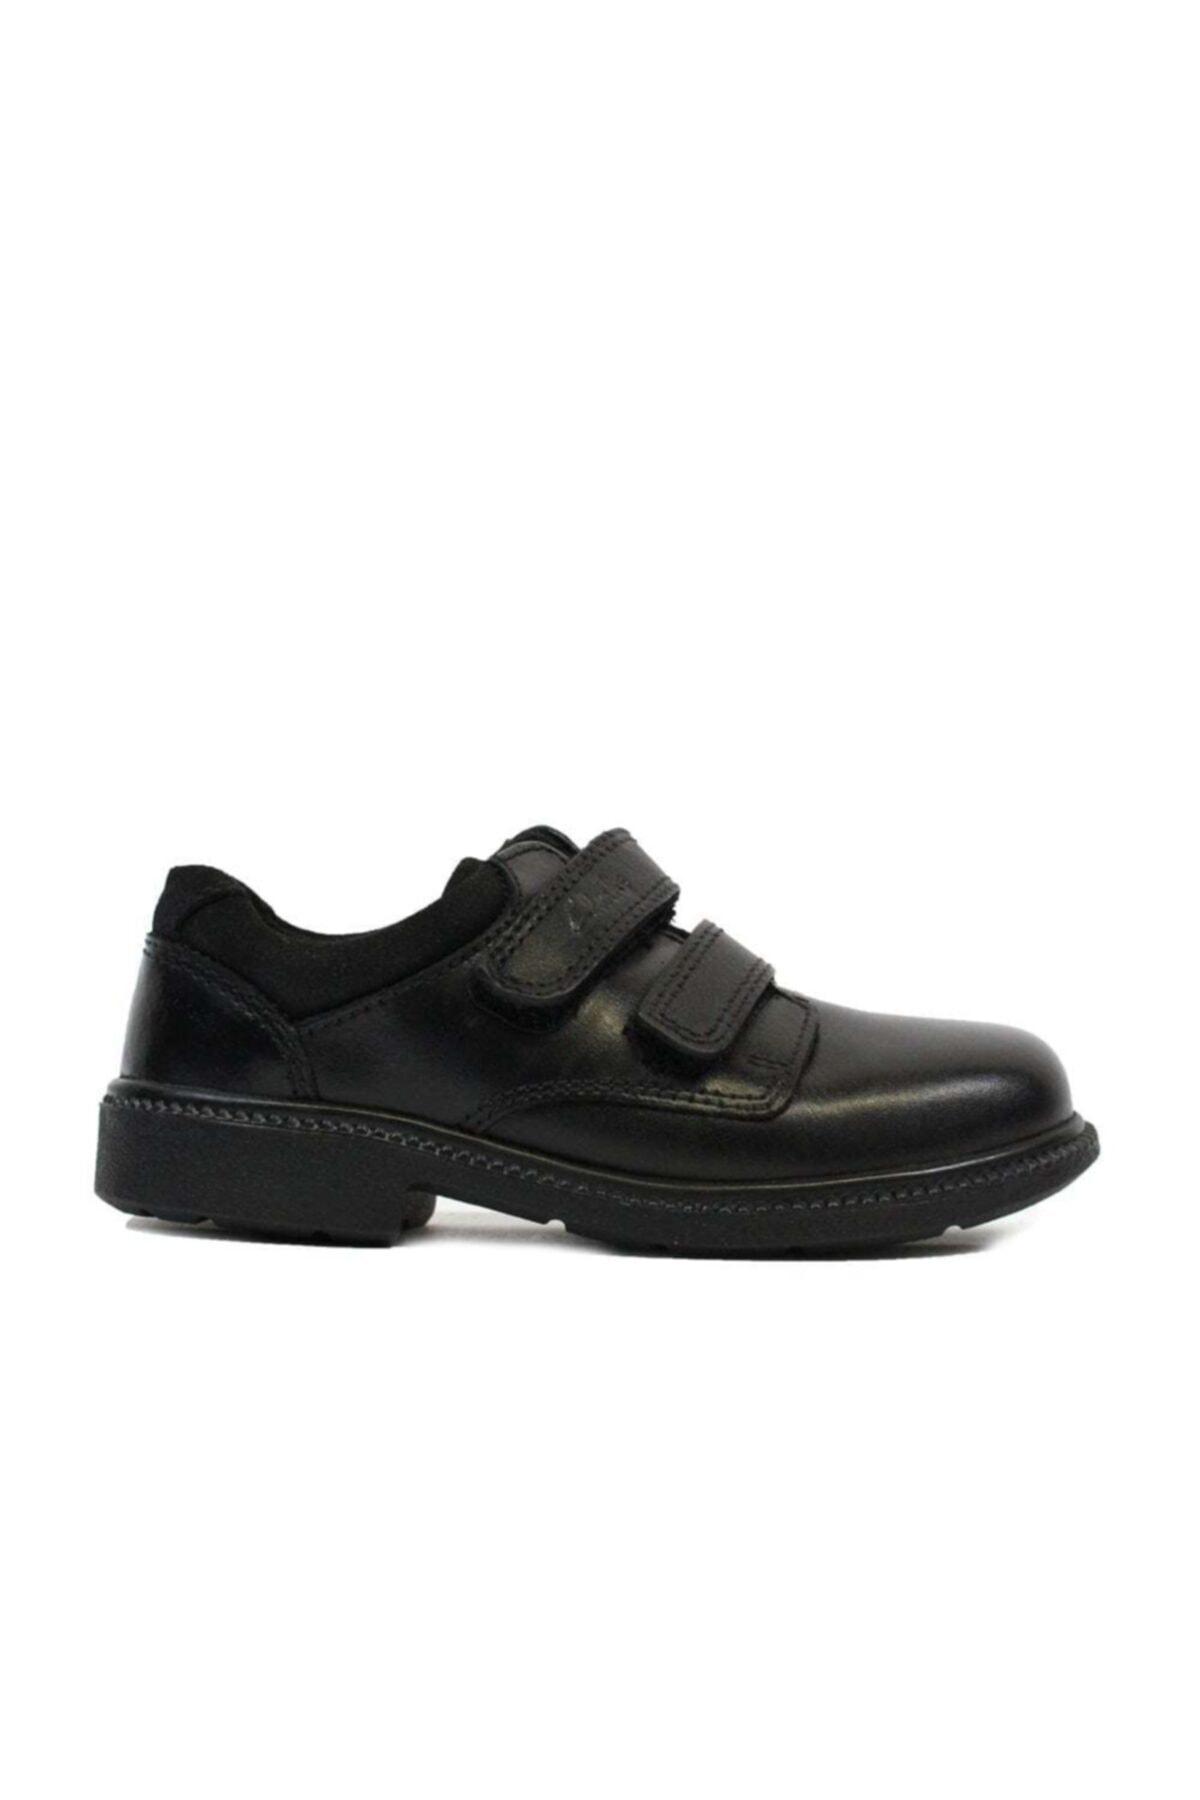 CLARKS Erkek 2-6 Yaş Çocuk Ayakkabısı Tam Ortopedik 1